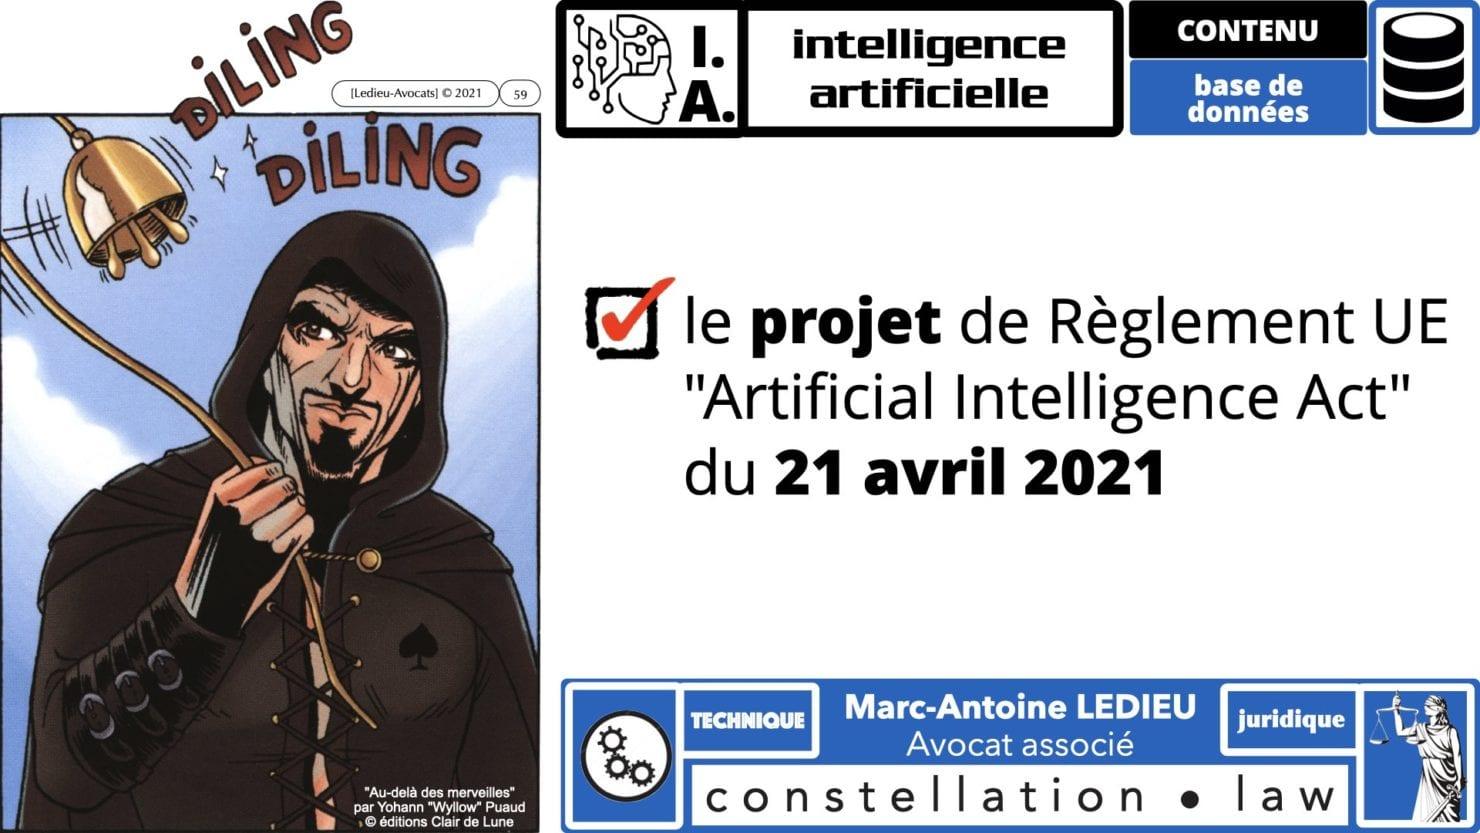 335 Intelligence Artificielle 2021 et AI Act [projet de Règlement UE] deep learning machine learning © Ledieu-Avocats 04-06-2021 *16:9*.059